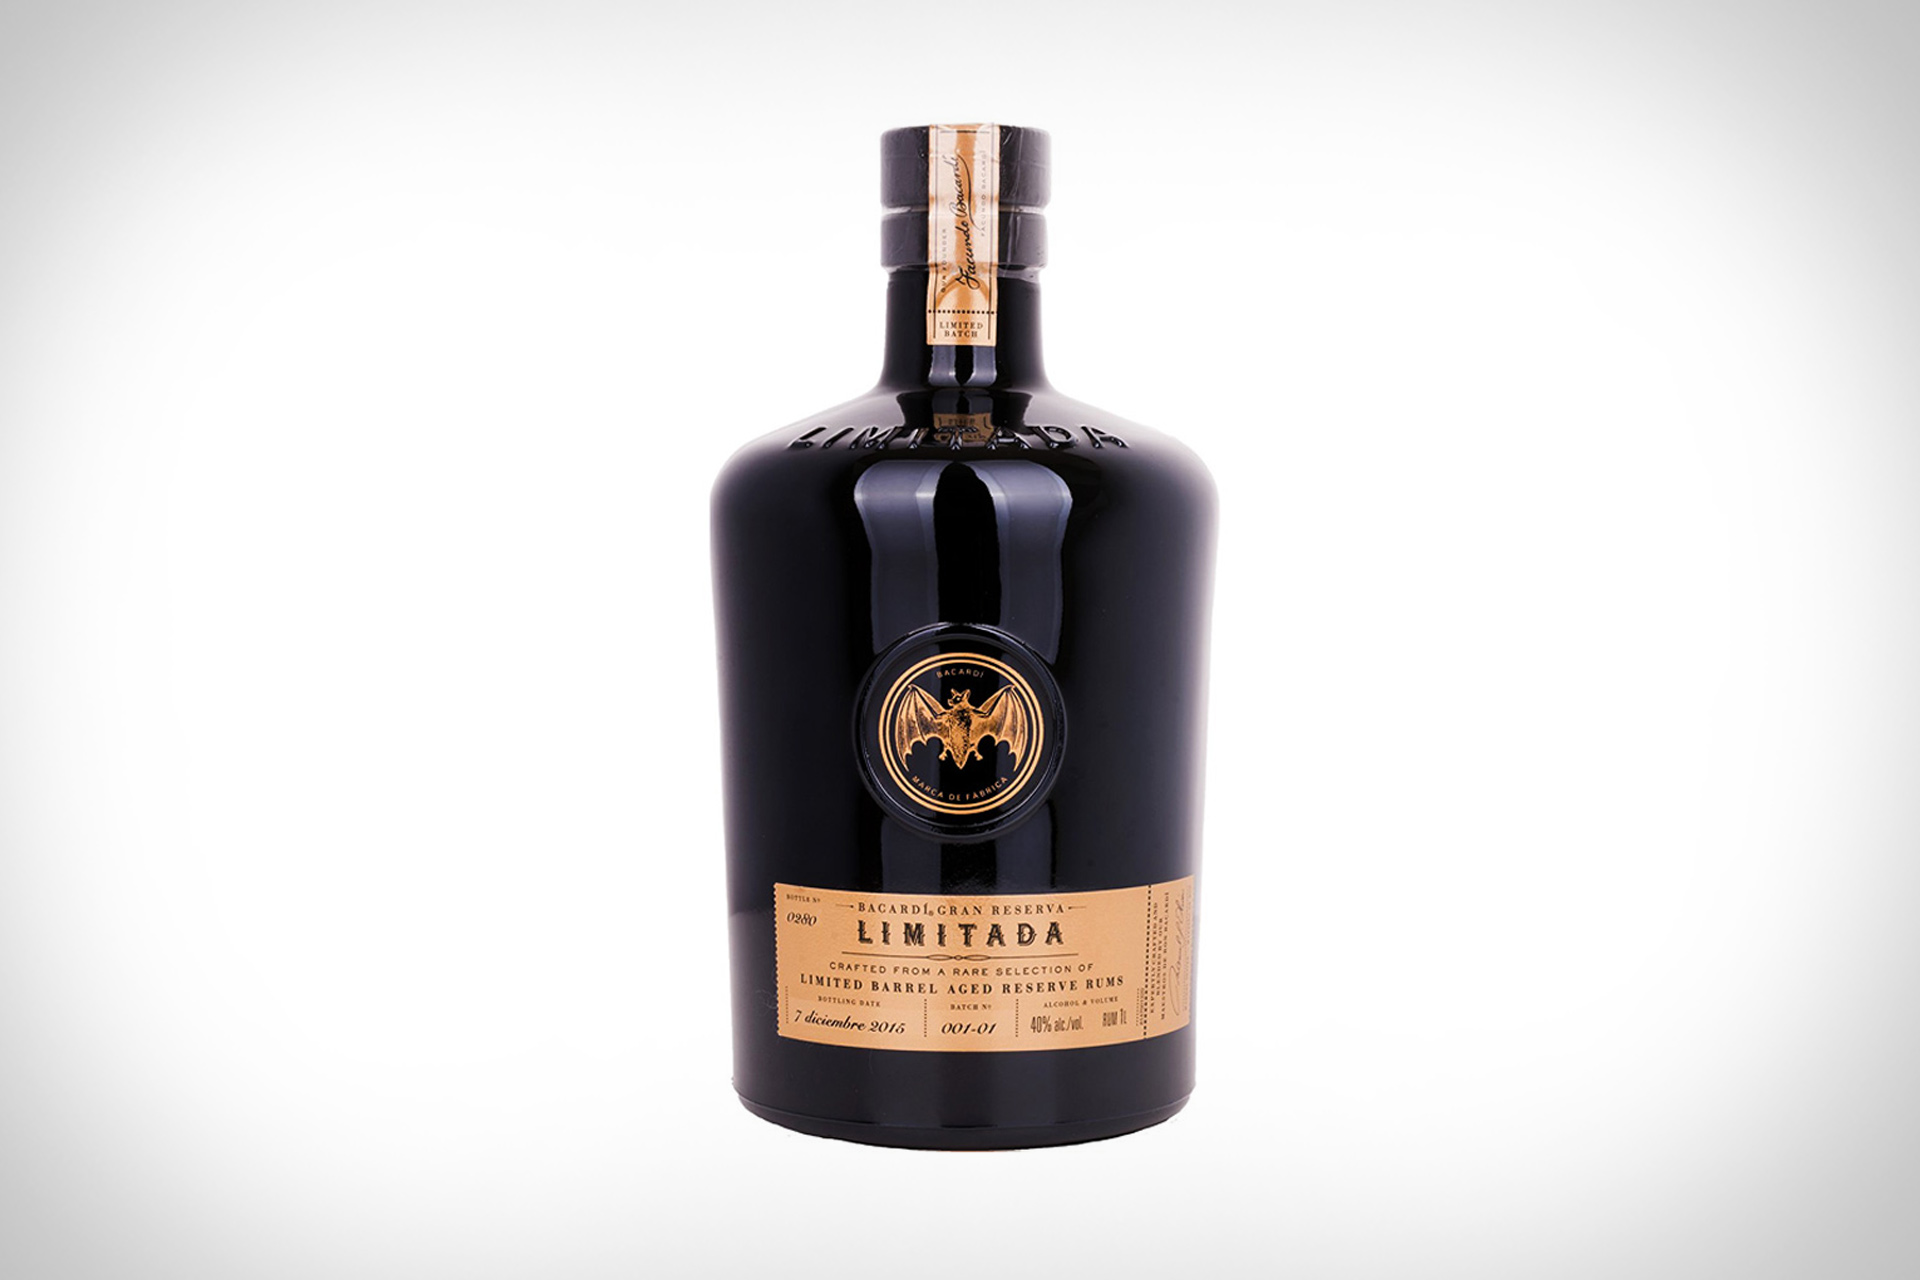 Bacardi Gran Reserva Limitada Rum